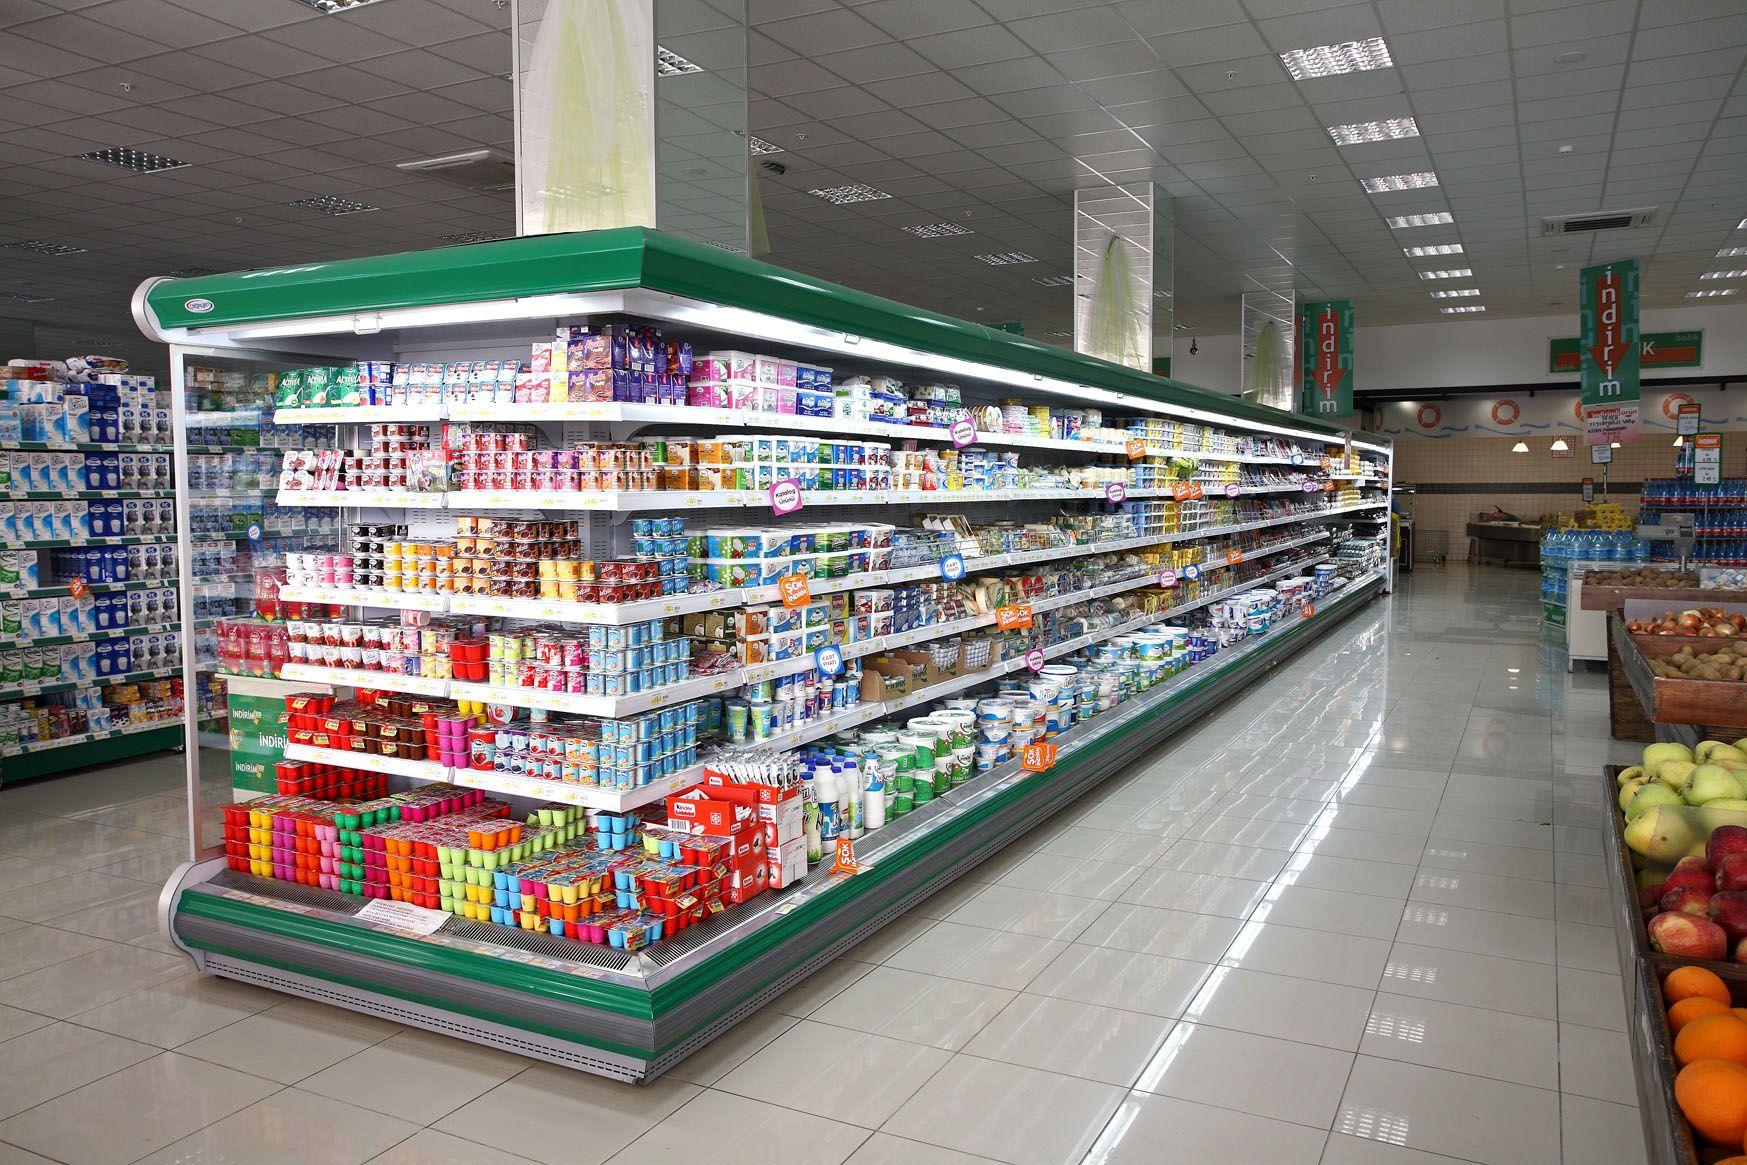 Zorunlu temel ihtiyaçlar nedir? Zorunlu temel ihtiyaç maddeleri nelerdir? Marketlerde hangi ürünler satılmayacak?